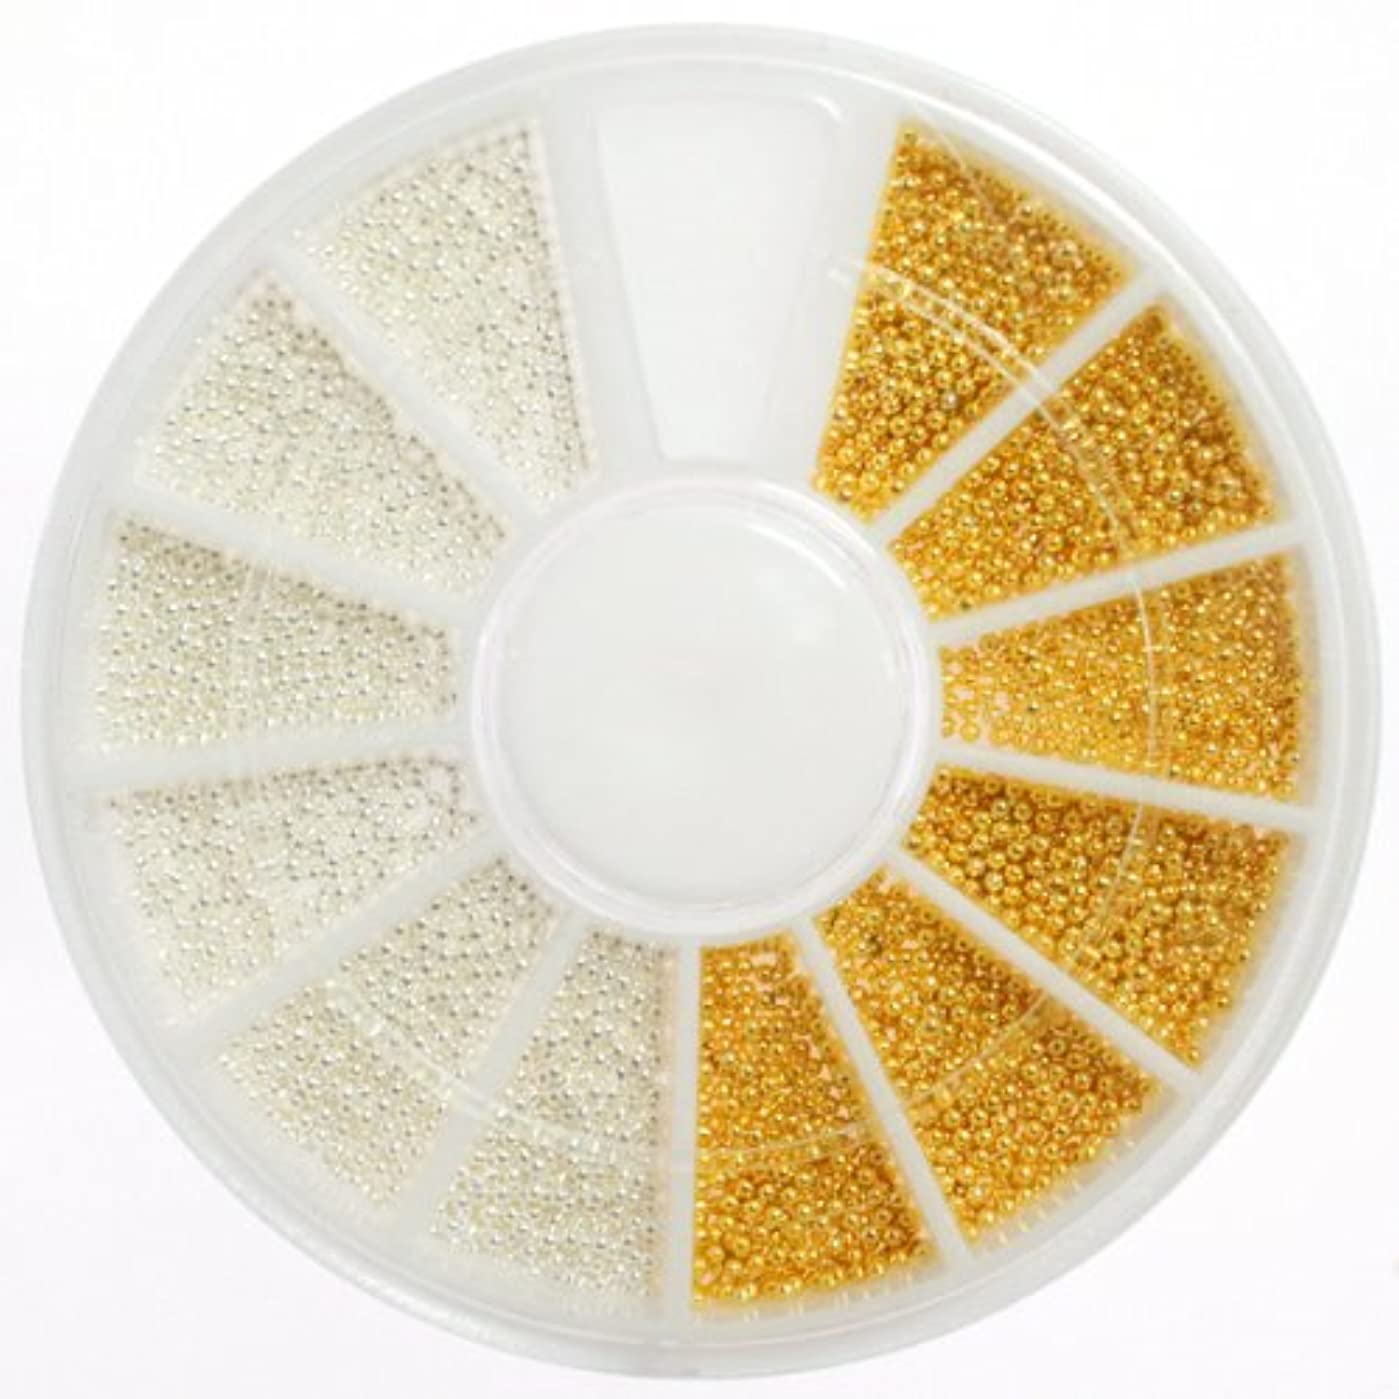 ボイド池美徳よく使うホワイト&ゴールドの金属ブリオン ト メタルブリオン ネイルパーツ